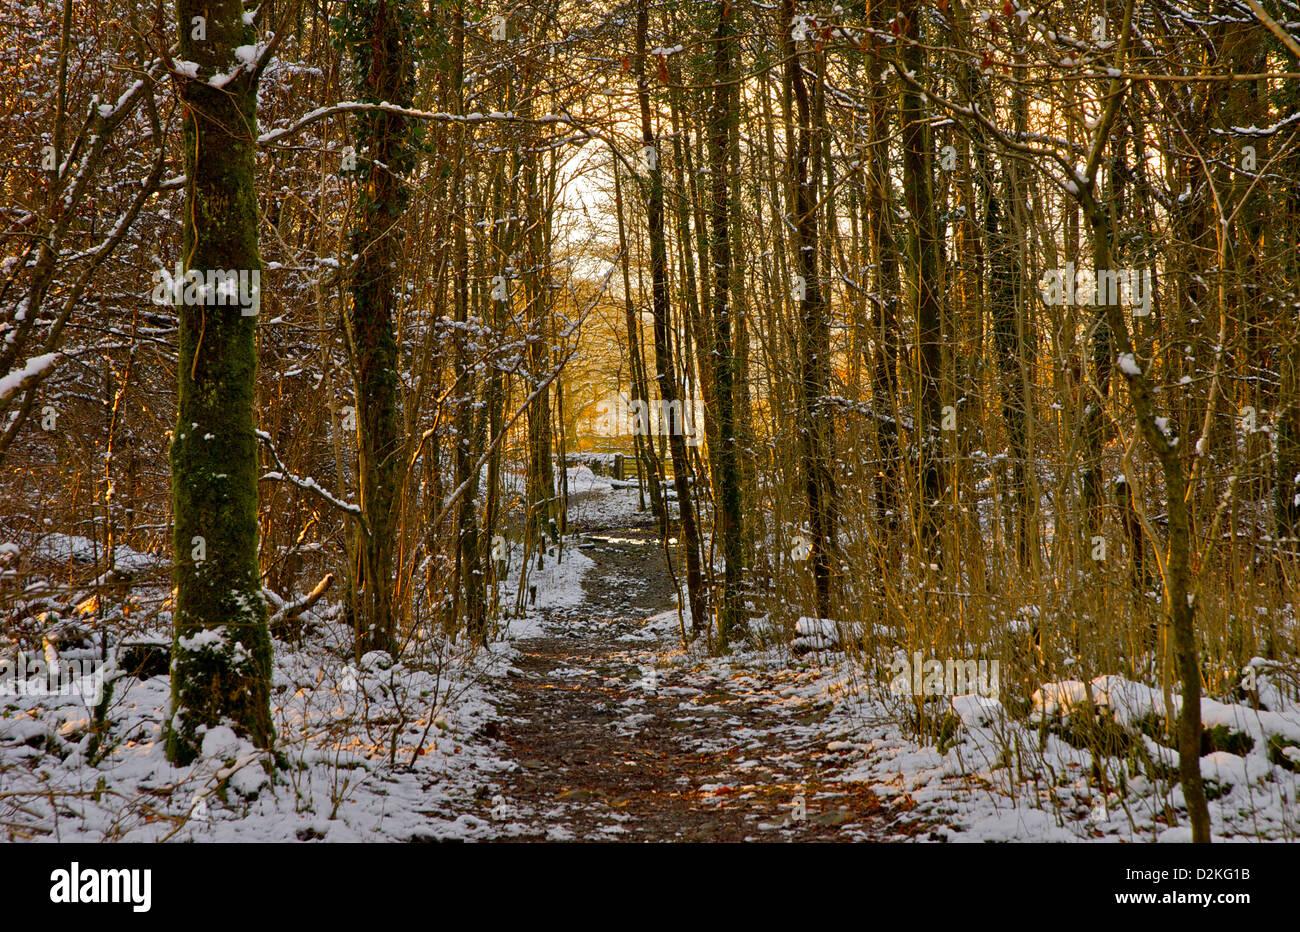 Après-midi d'hiver dans les bois près de Windermere, Parc National de Lake District, Cumbria, Angleterre, Royaume-Uni Banque D'Images